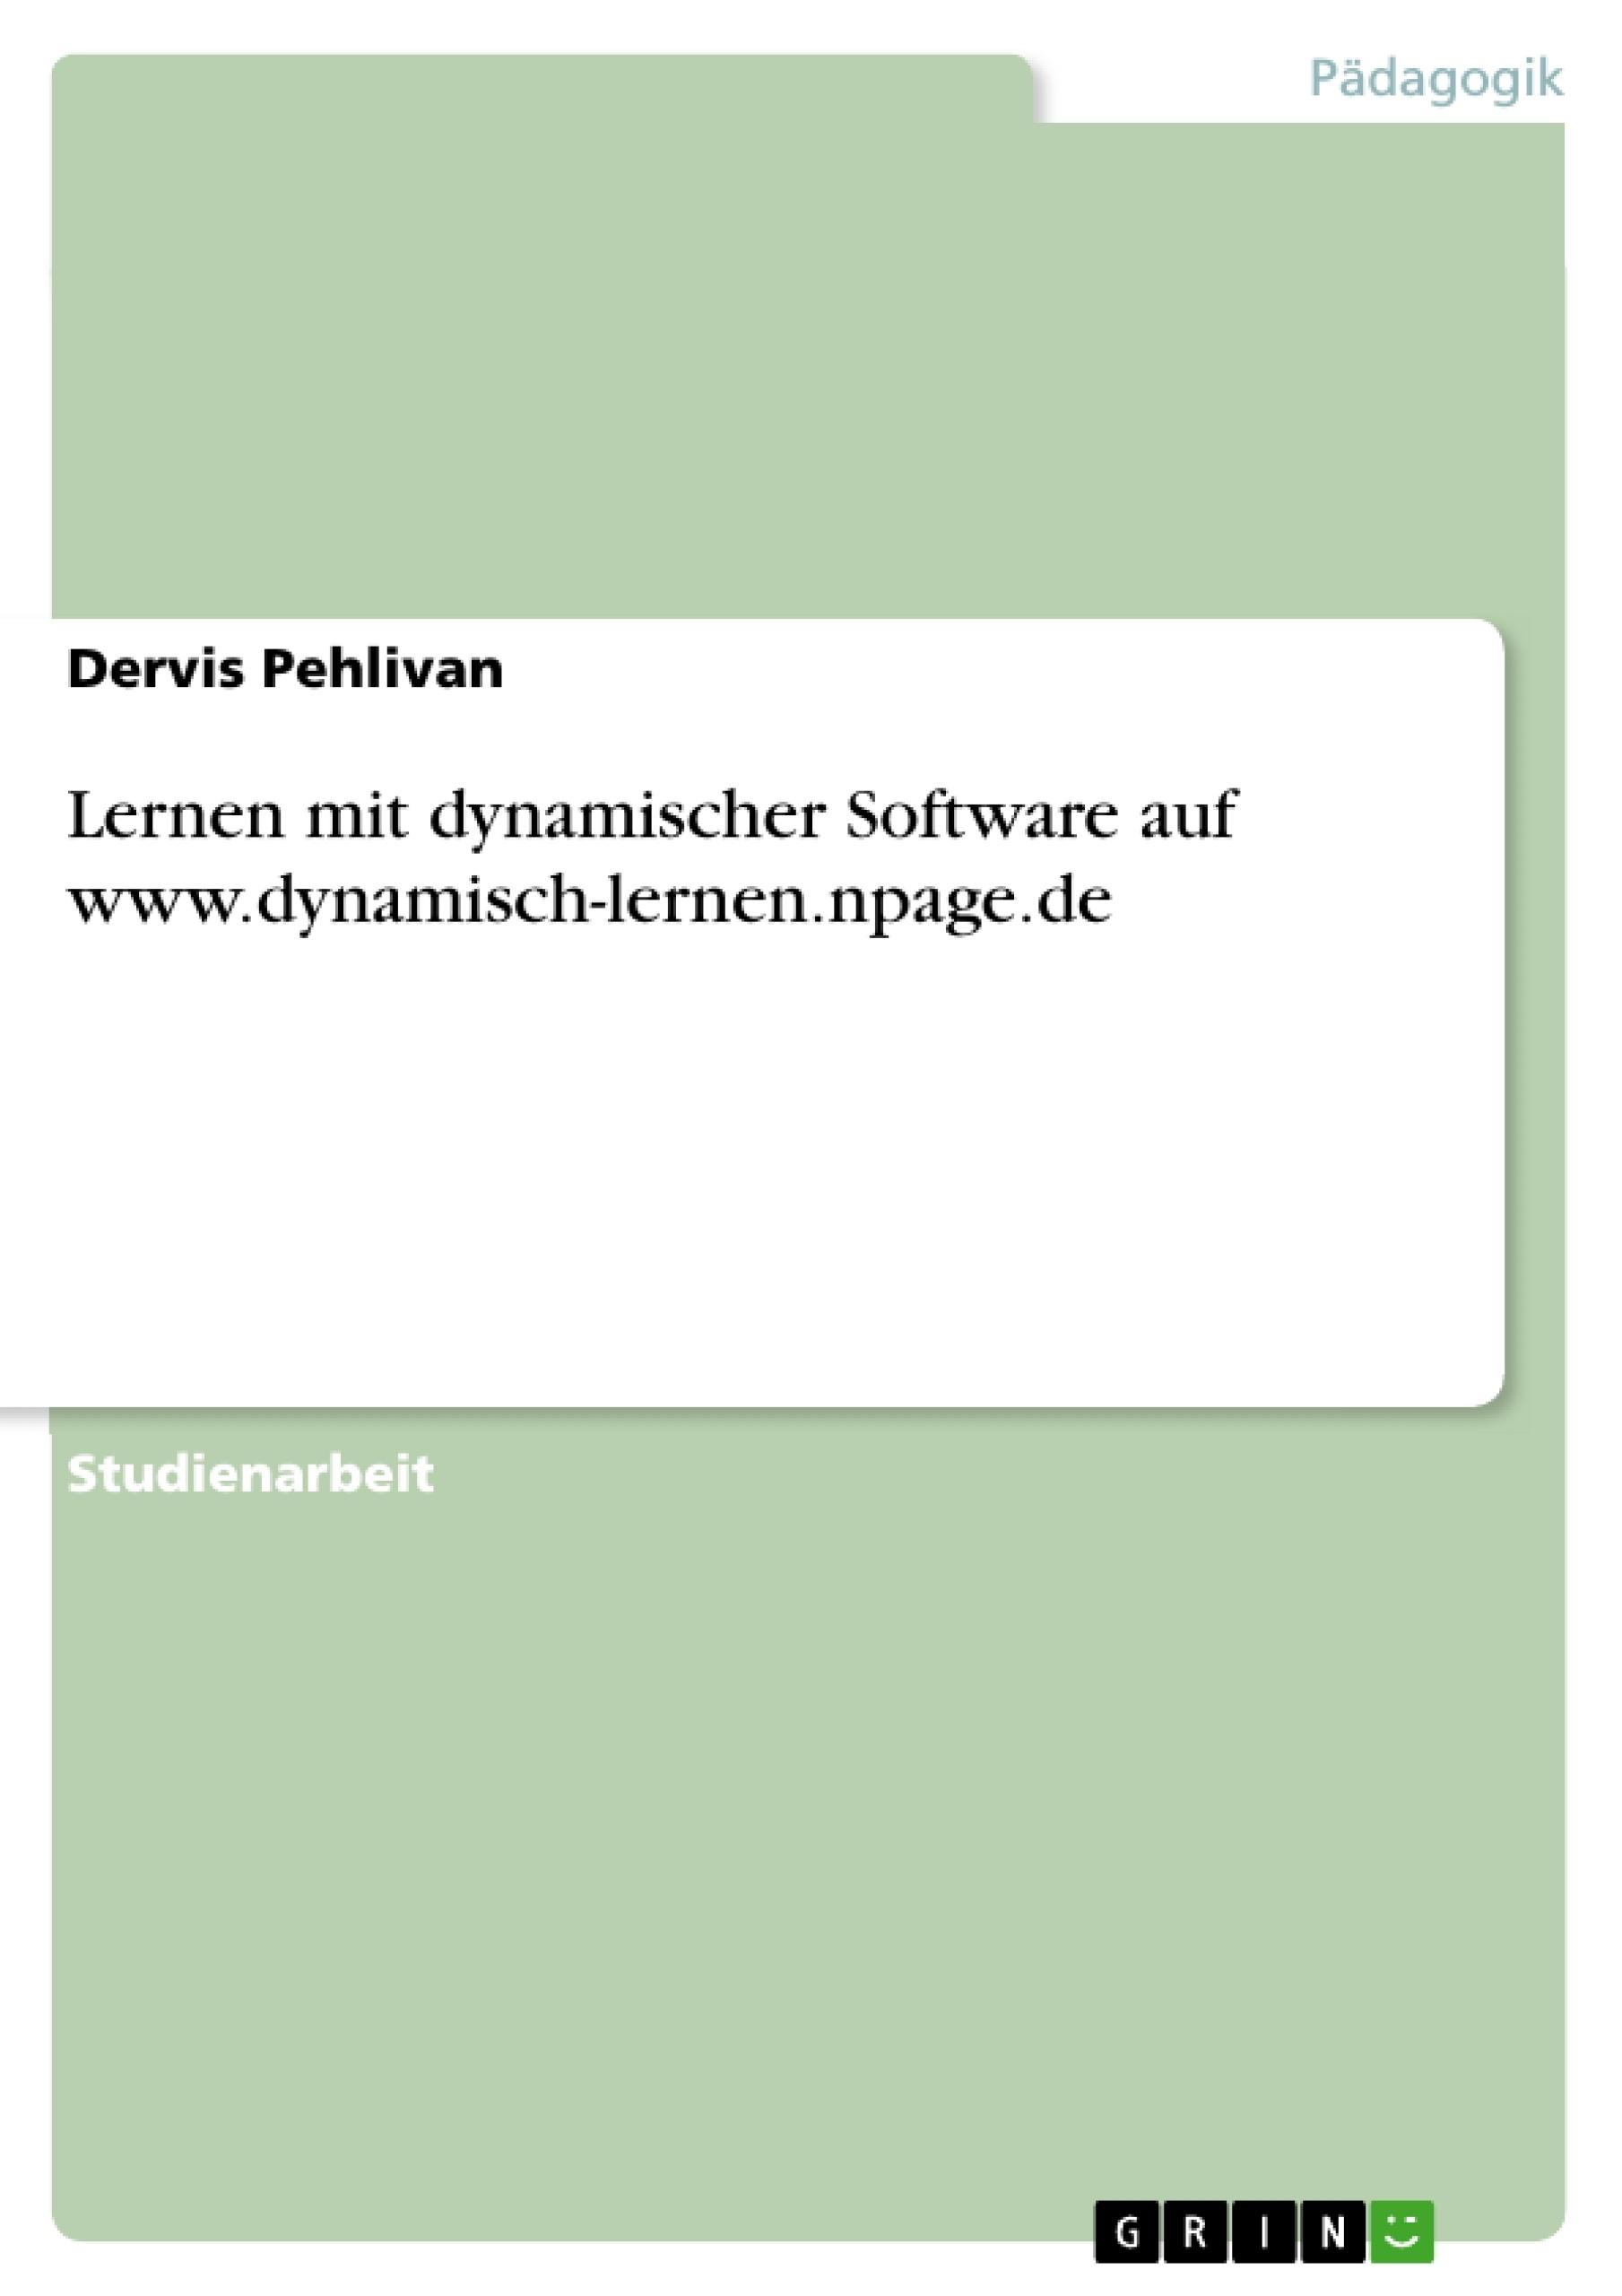 Titel: Lernen mit dynamischer Software auf www.dynamisch-lernen.npage.de